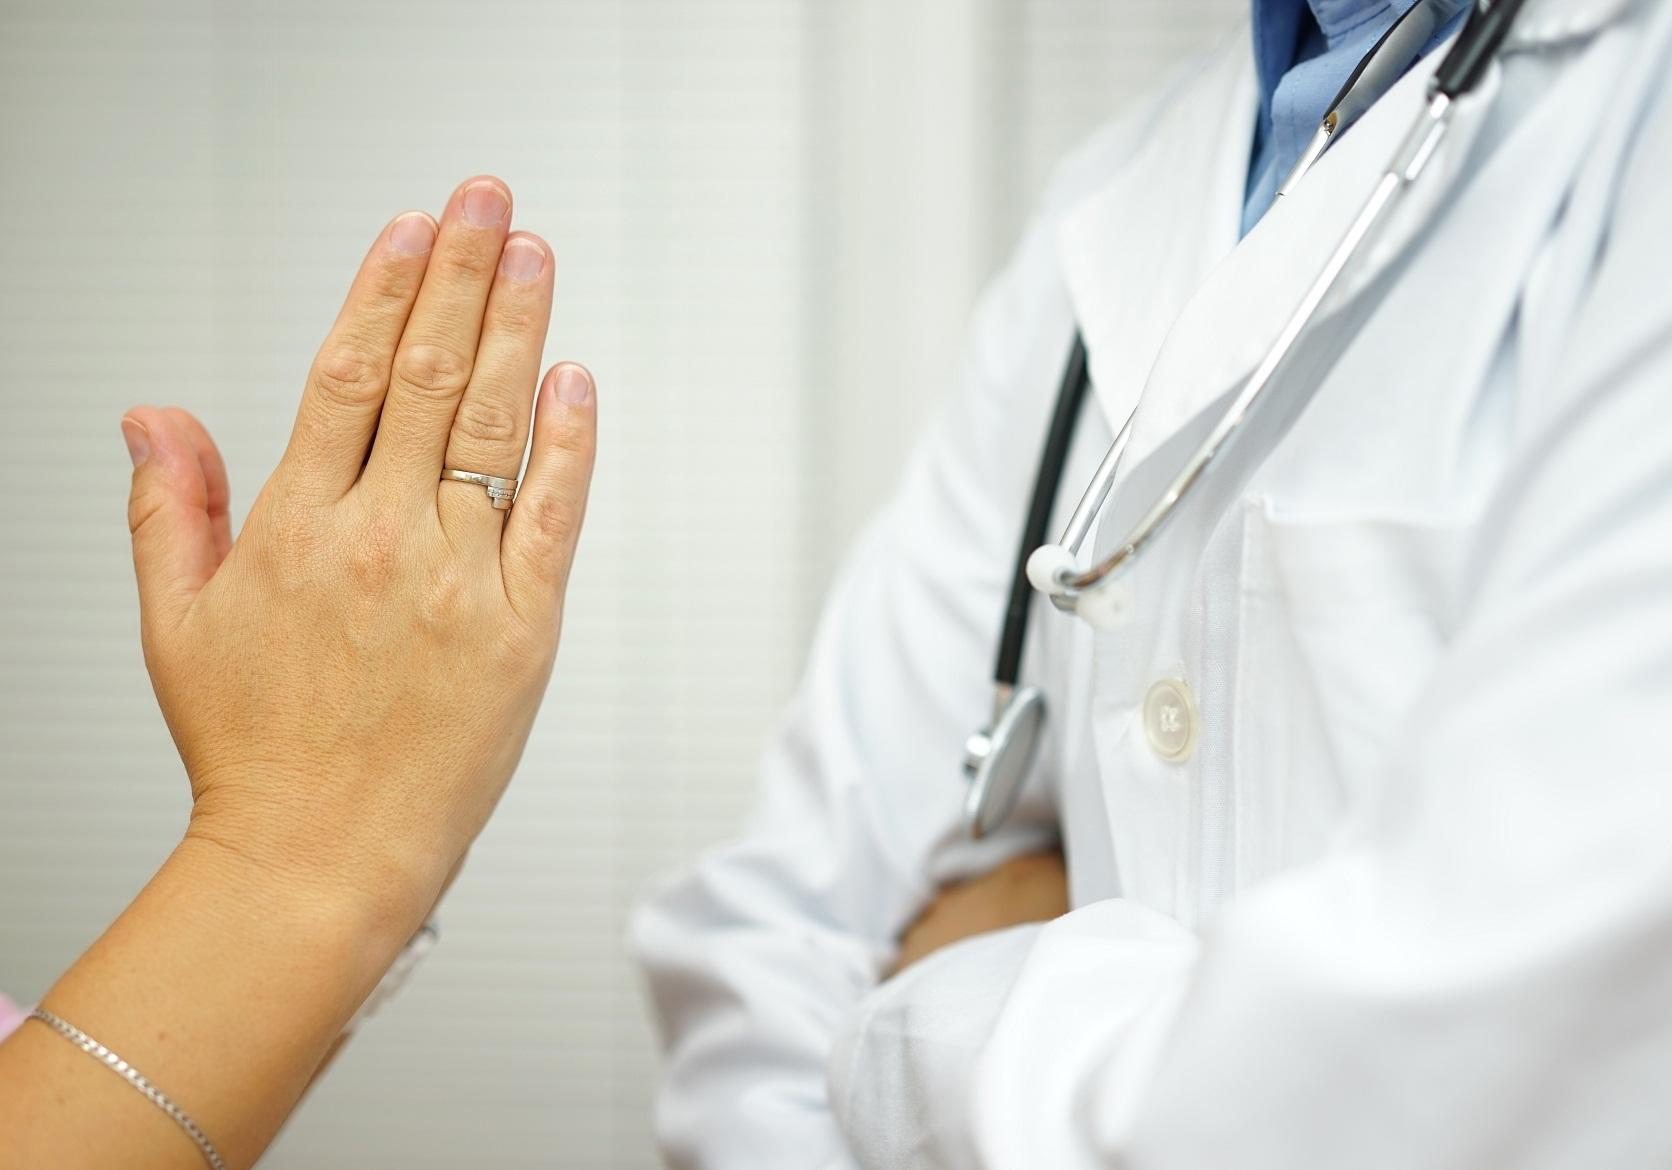 Situações em que plano de saúde pode negar atendimento